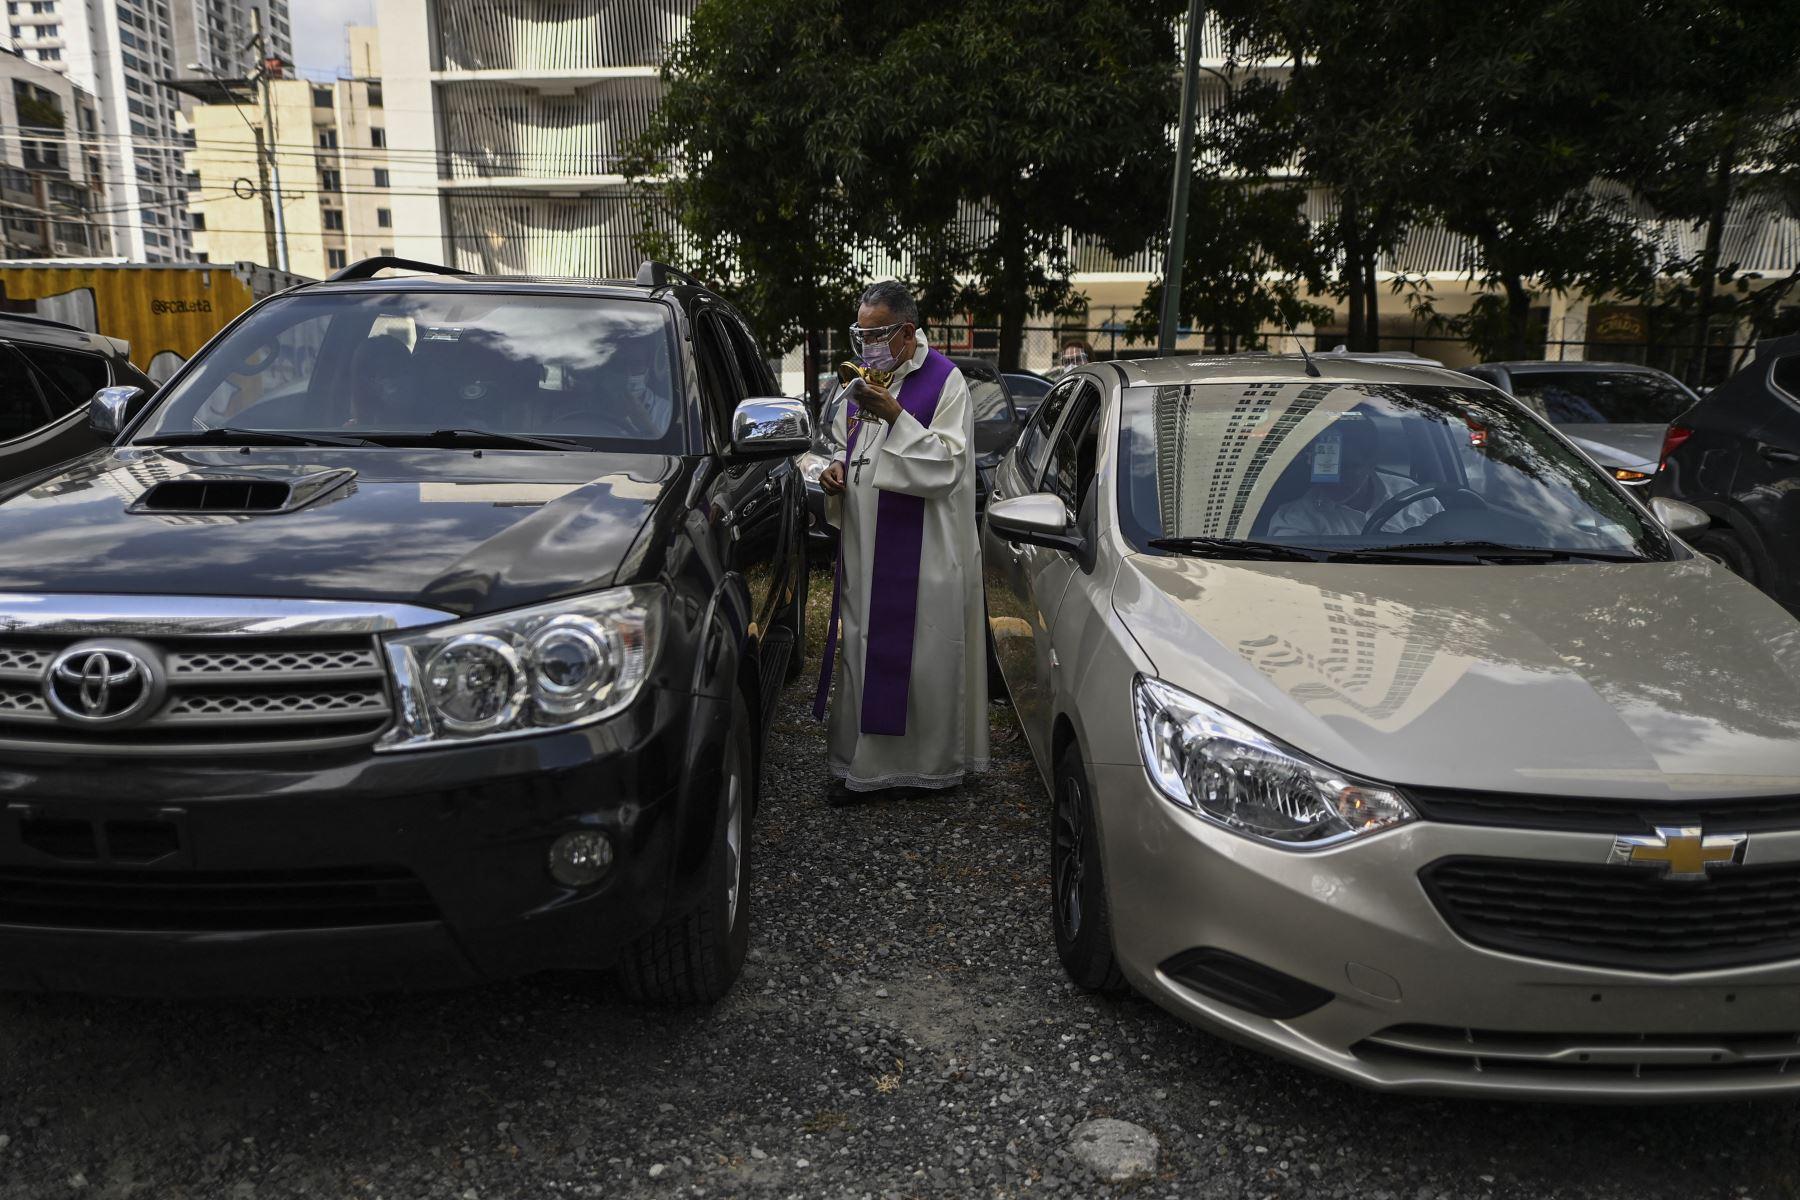 El Arzobispo de Panamá, José Domingo Ulloa, celebra una misa el miércoles de ceniza, primer día de Cuaresma, en el estacionamiento de la Basílica San Francisco de la Caleta, en la ciudad de Panamá, el 17 de febrero de 2021. Foto: AFP